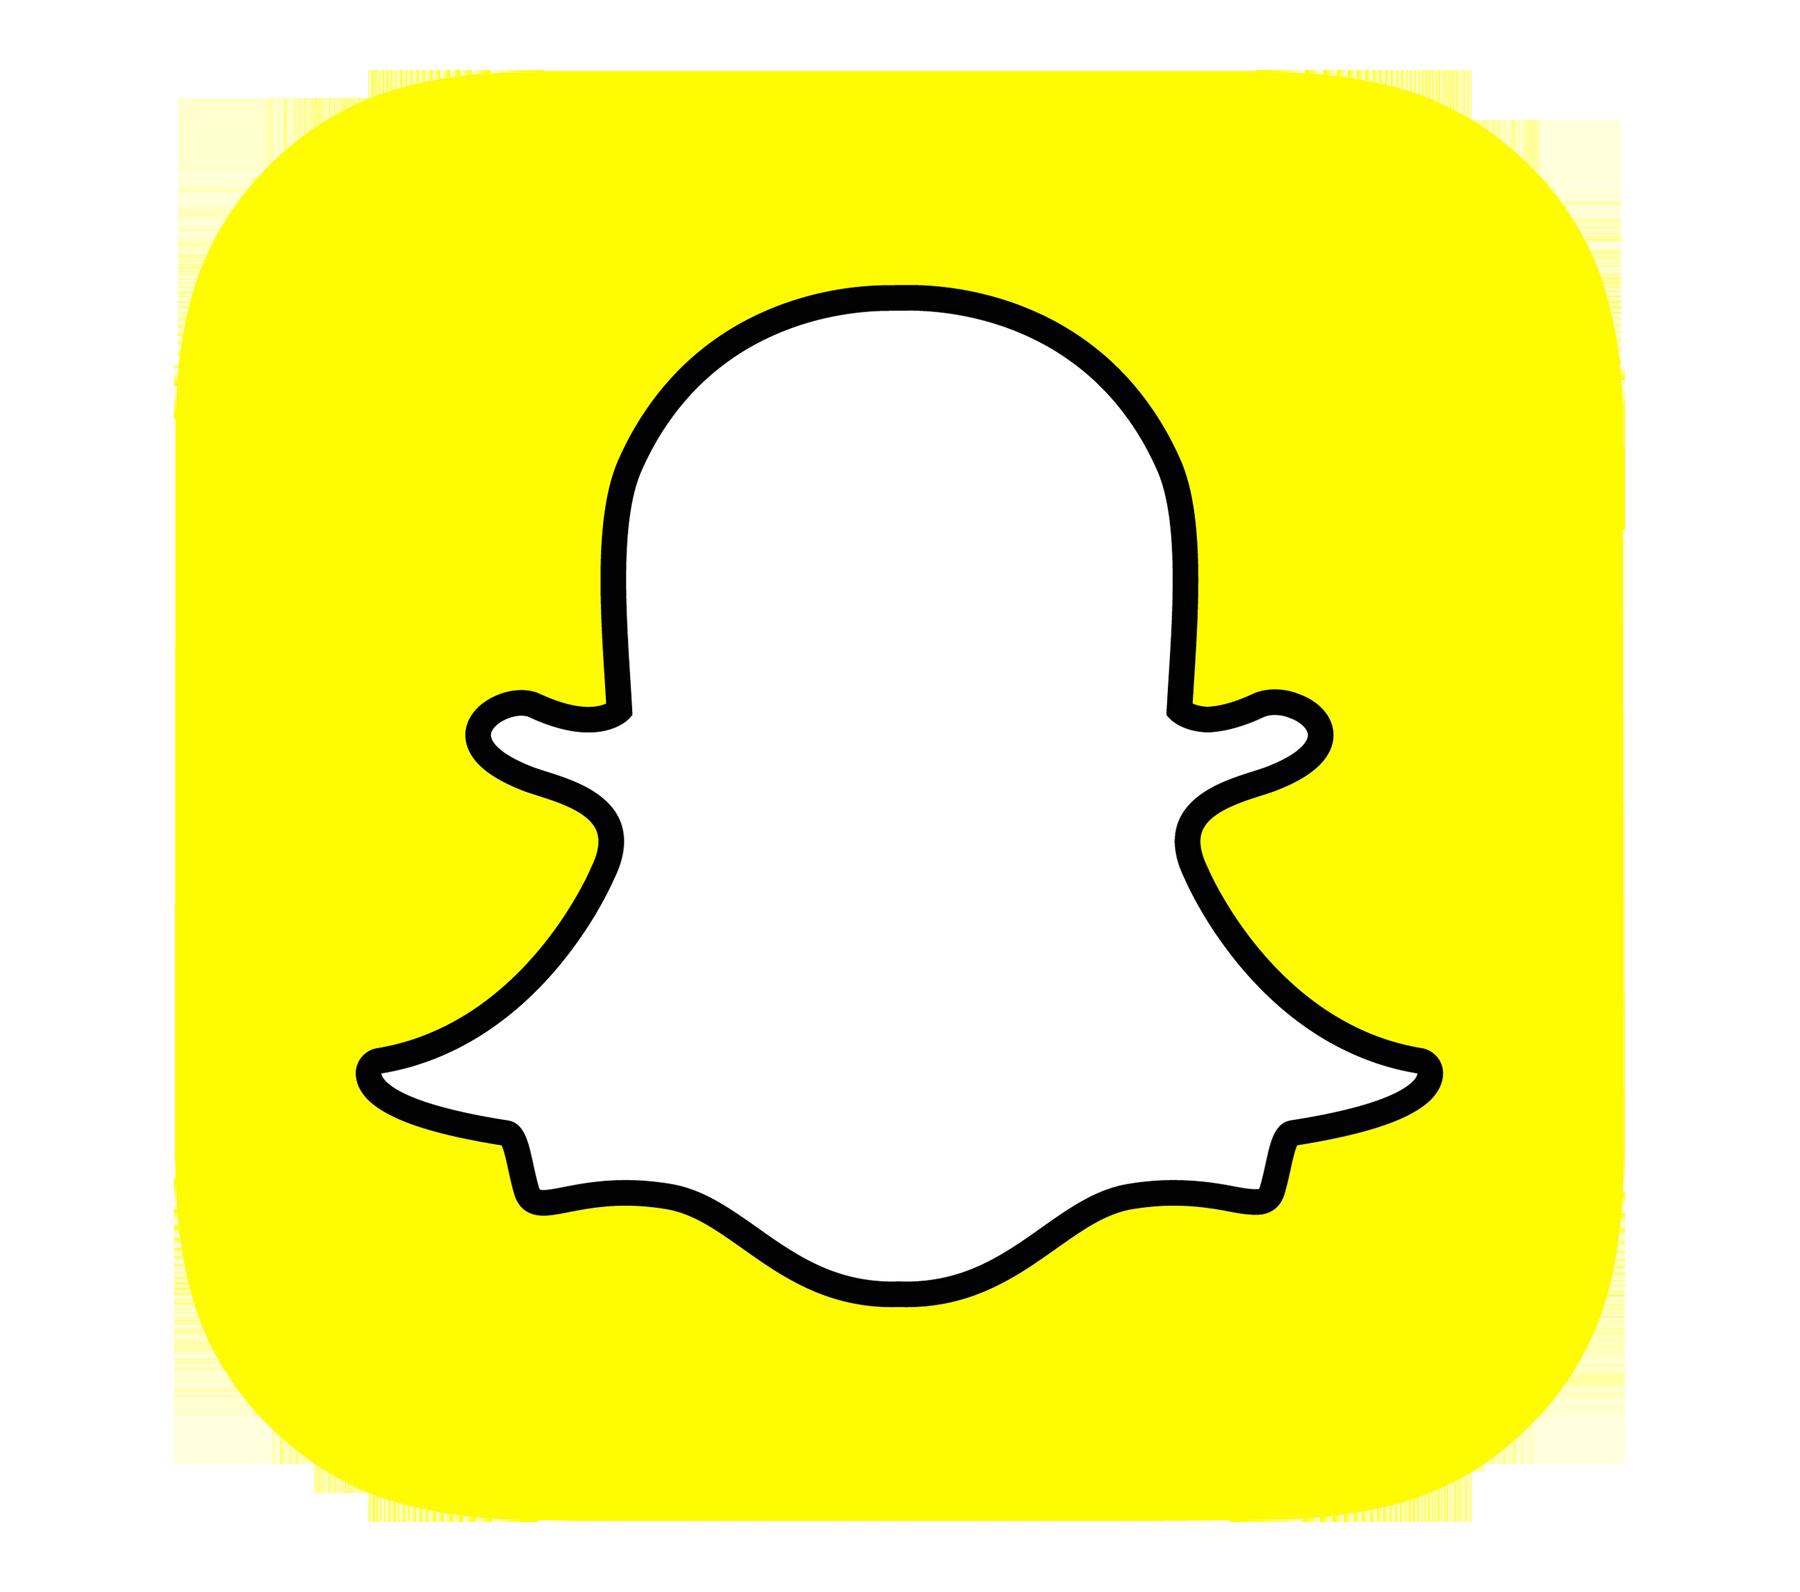 SnapchatLogo.png (1800×1592) Dessin logo, Photo de logo